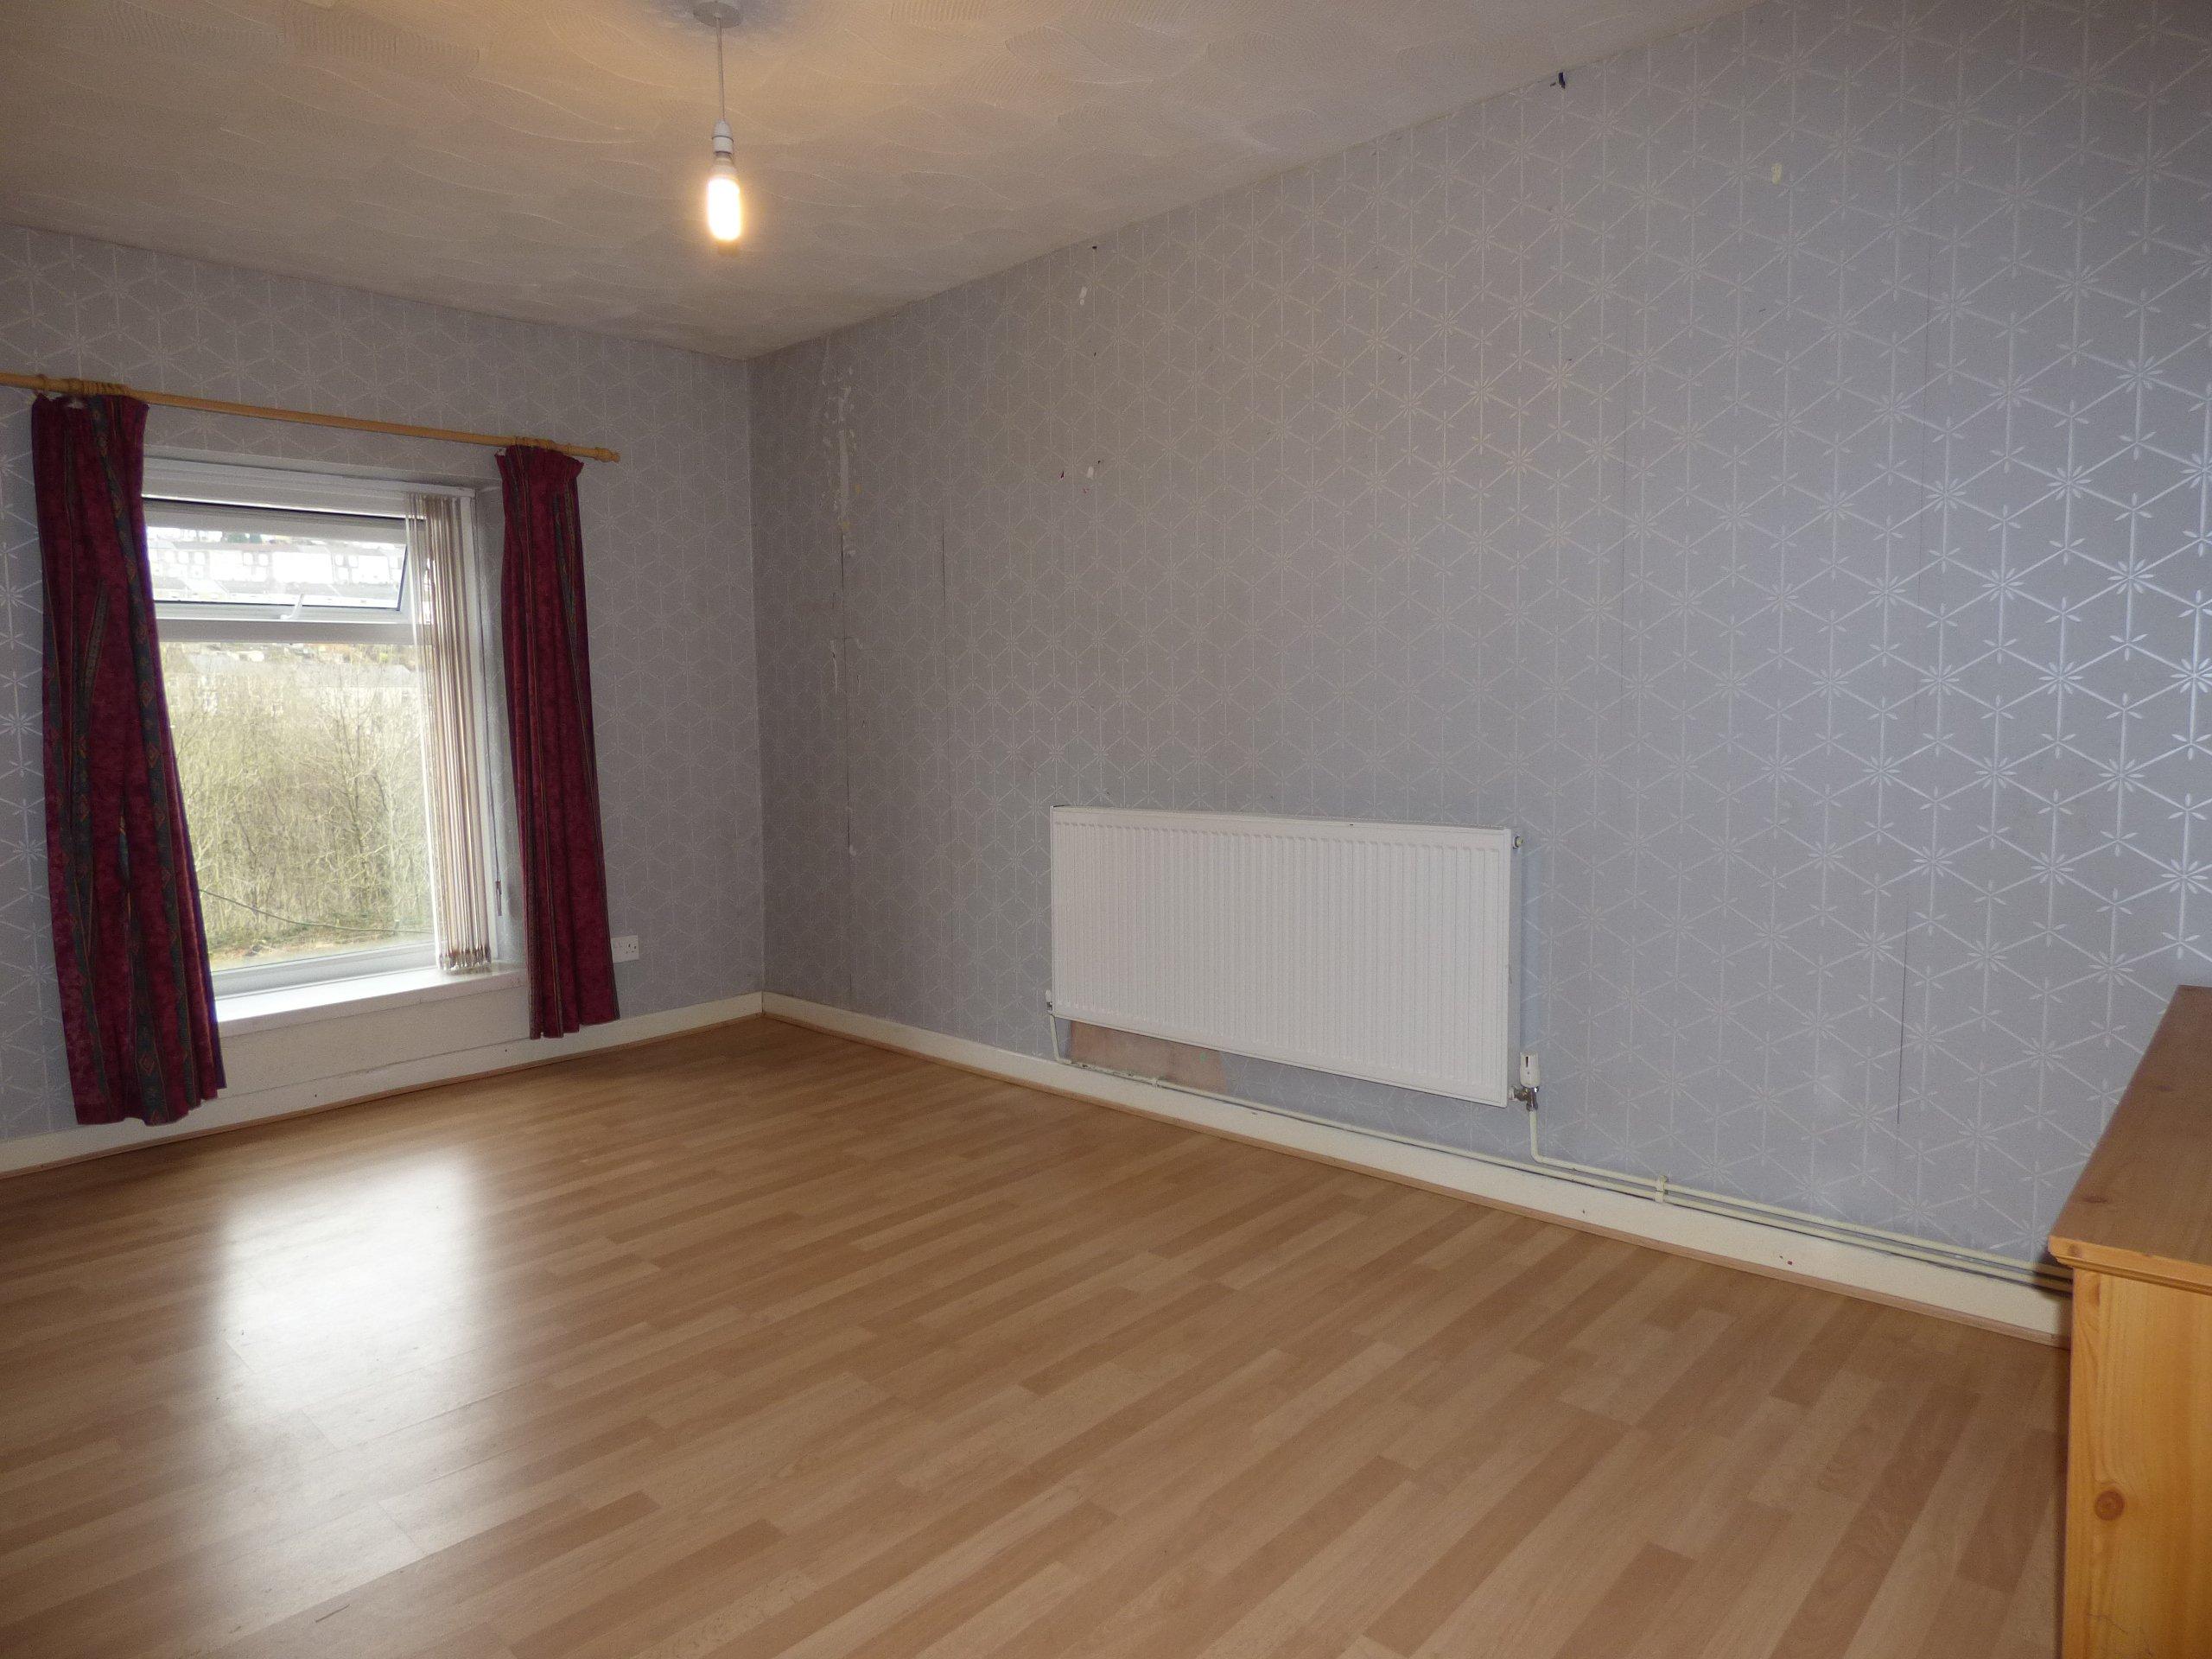 Wisemove. Property for sale. Bridgend Road, Pontycymer. Bedroom